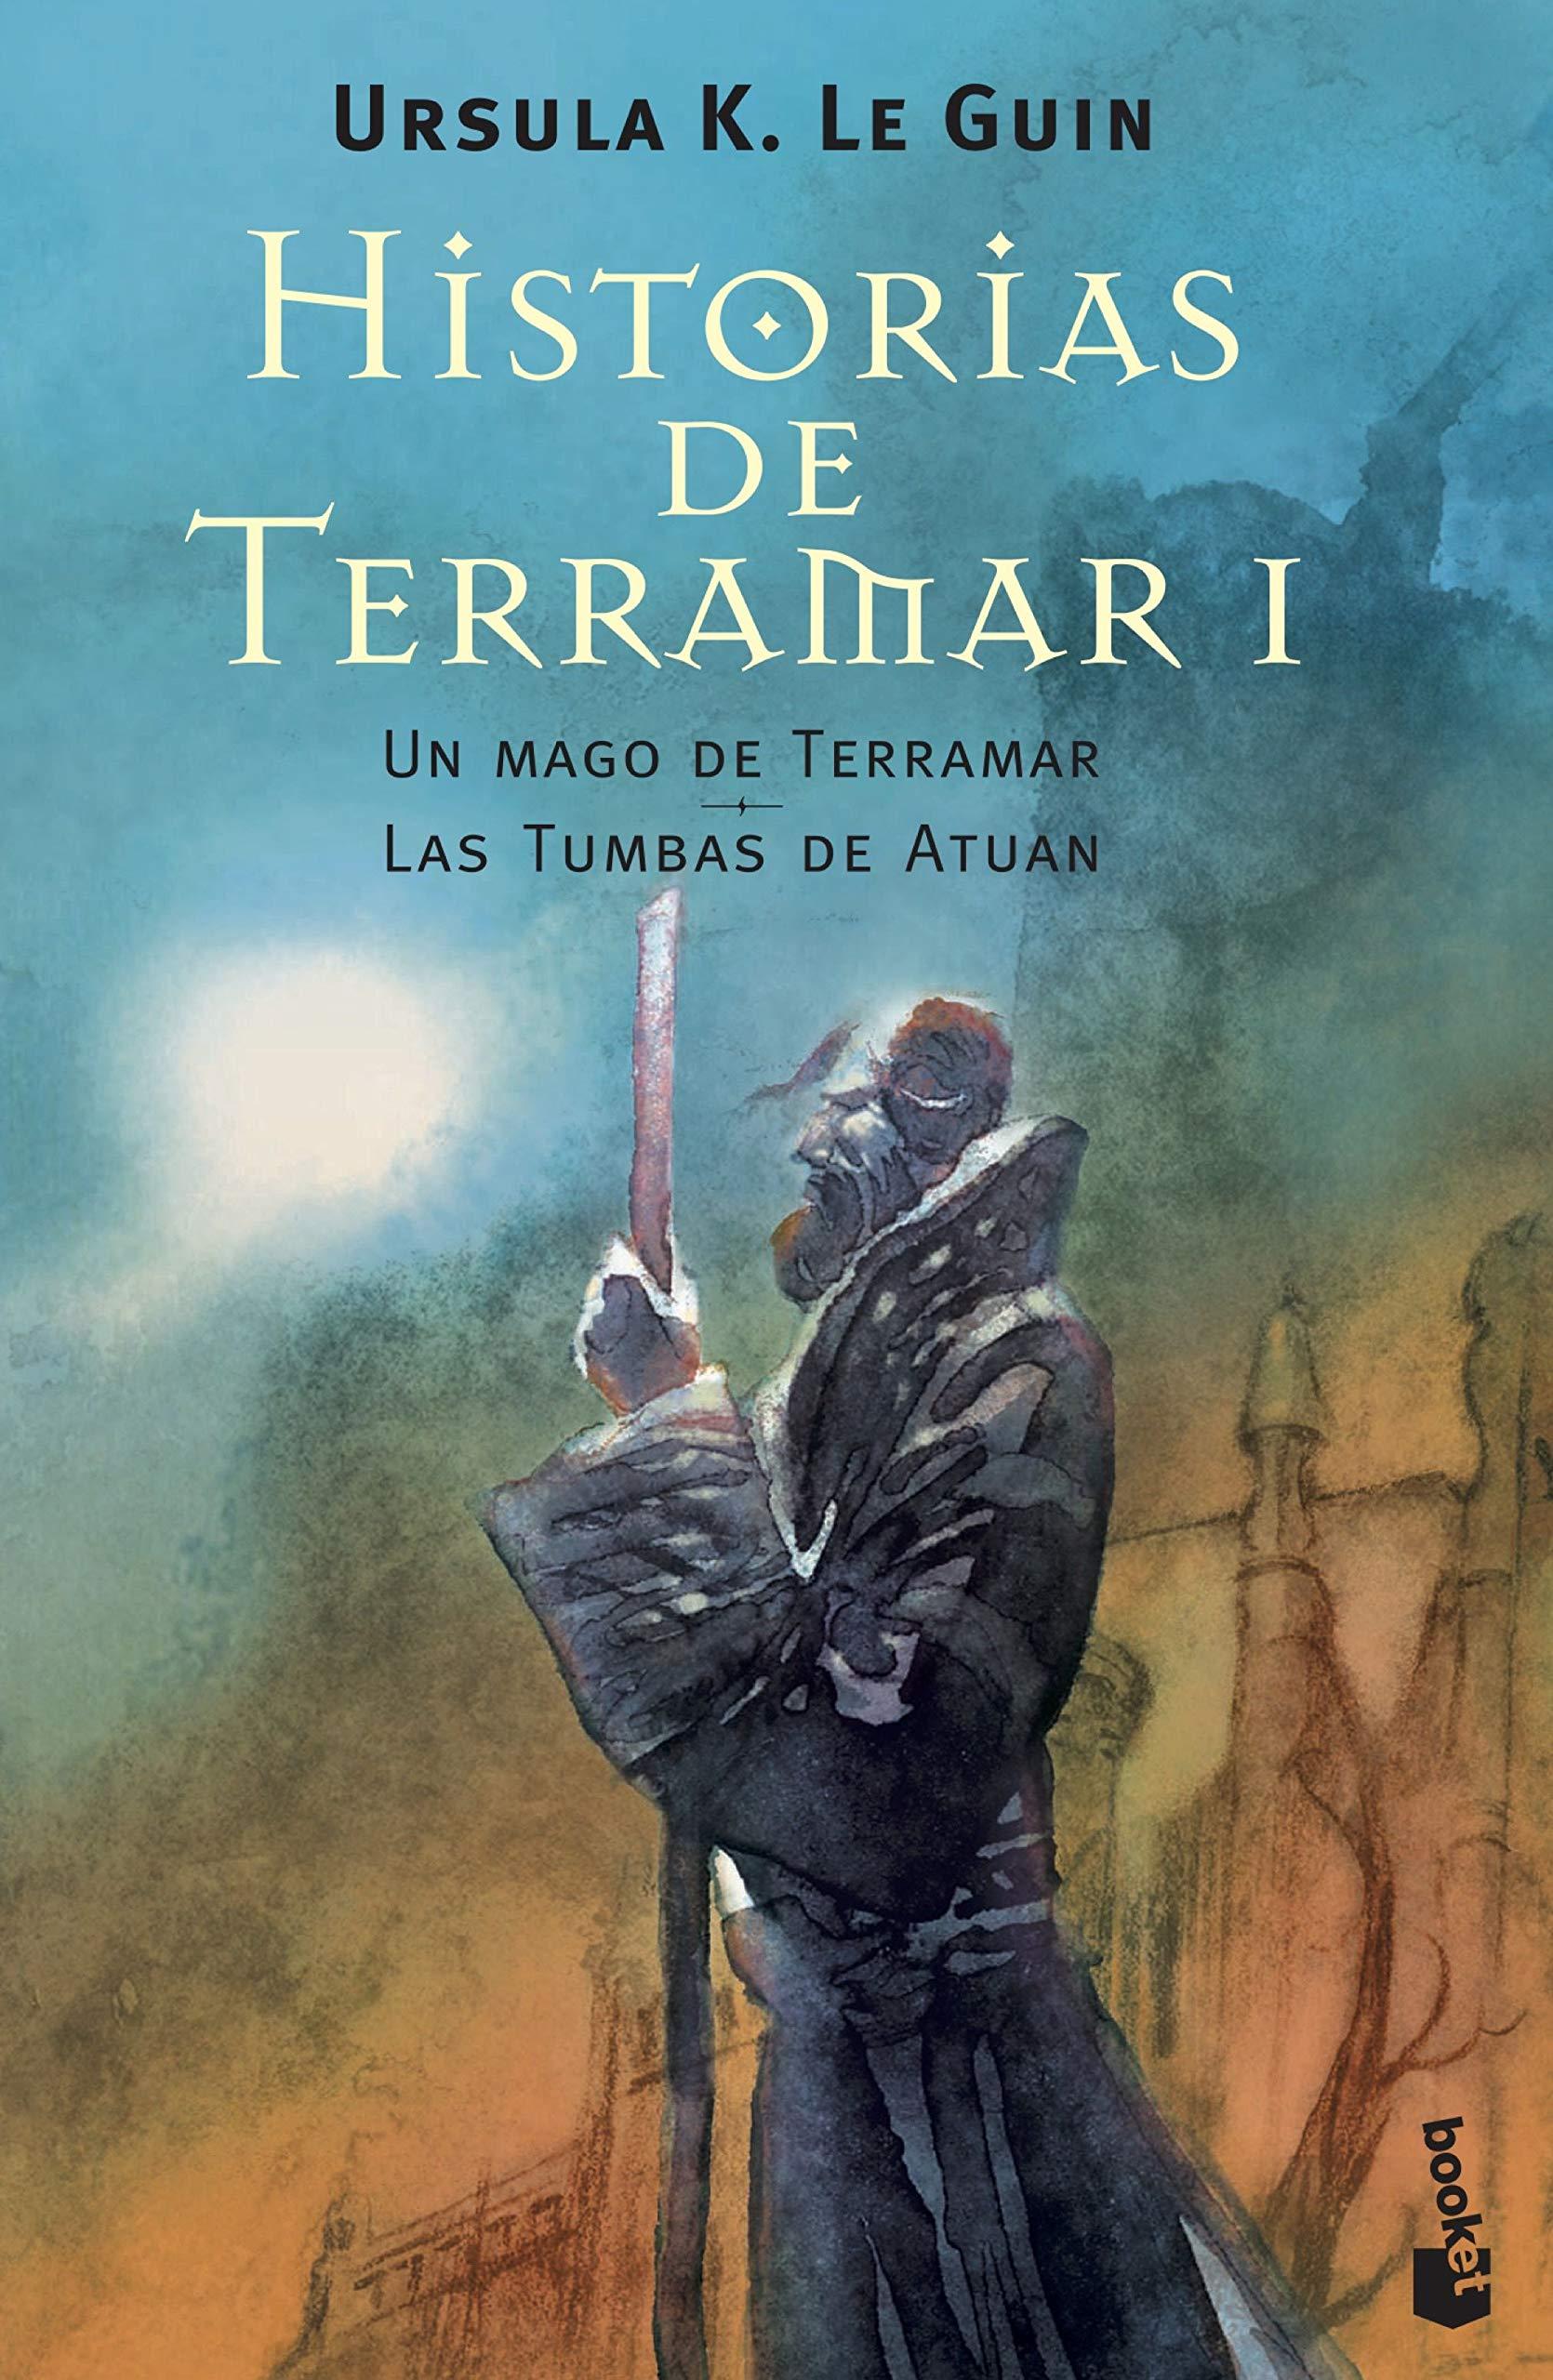 Historias De Terramar I Un Mago De Terramar Las Tumbas De Atuan Literatura Fantástica Spanish Edition Le Guin Ursula K Horne Matilde 9788445076682 Books